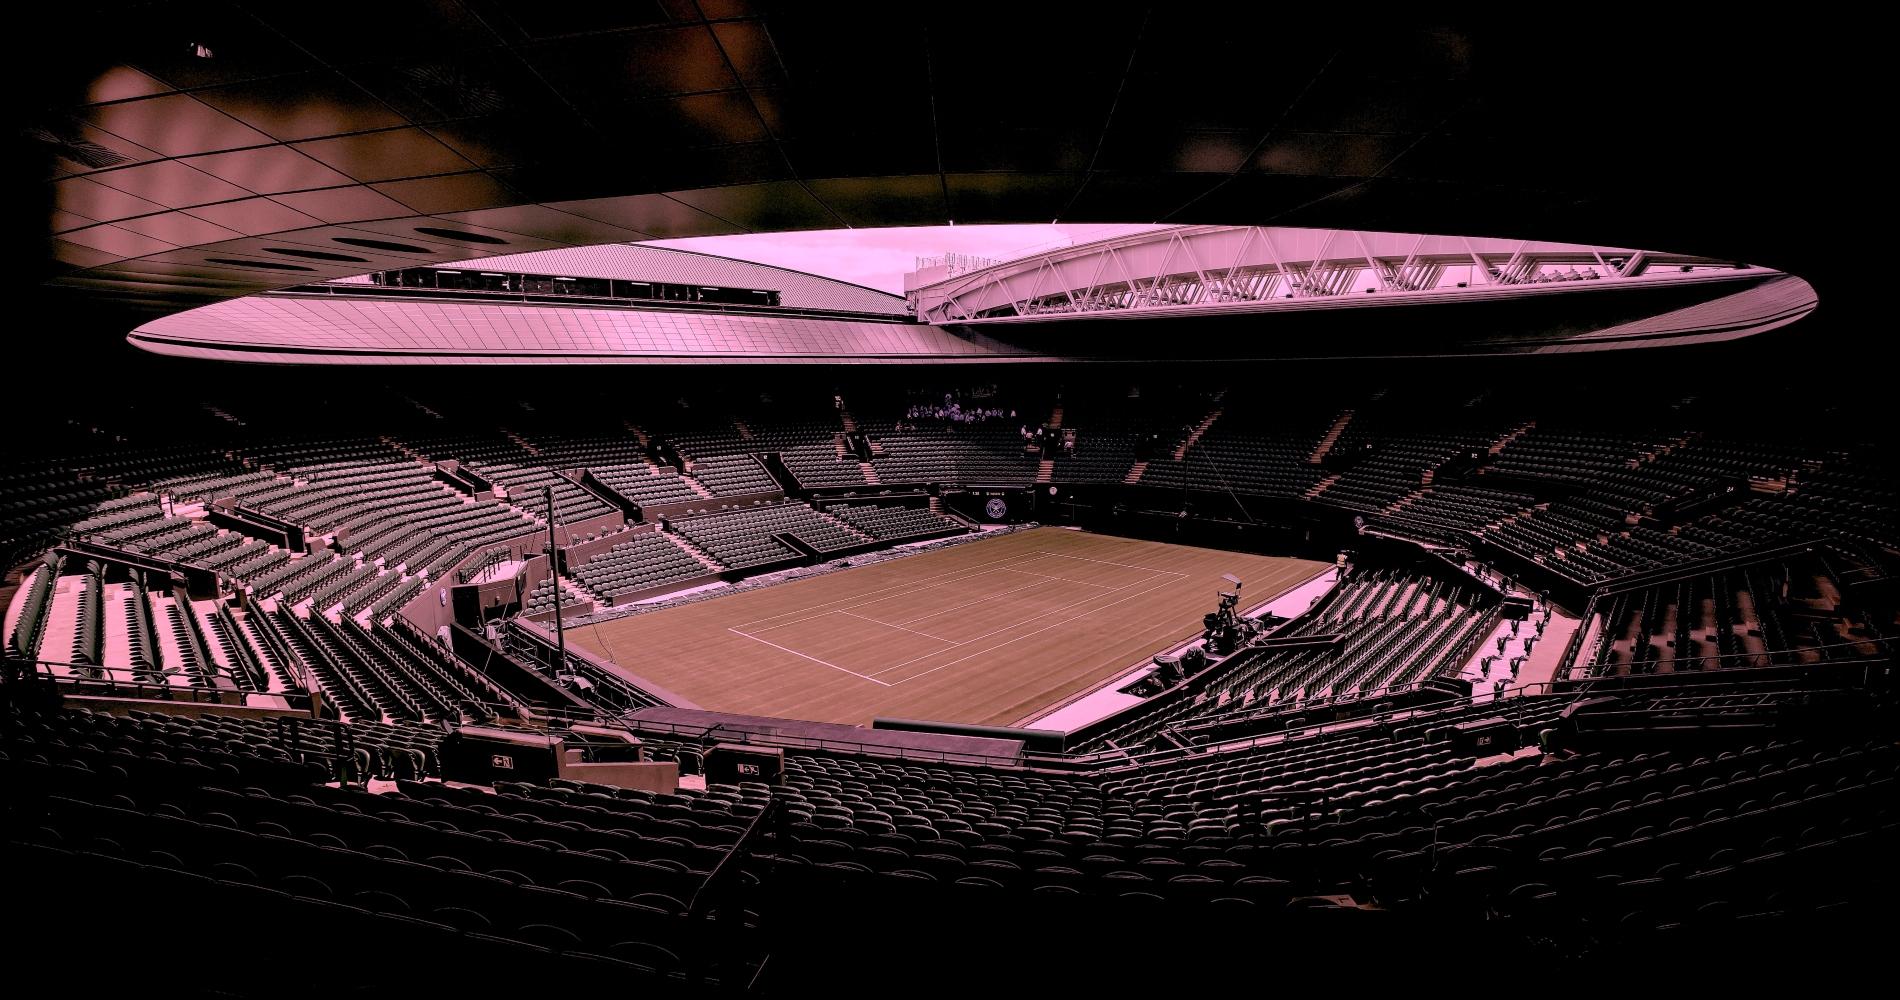 Wimbledon's Centre Court